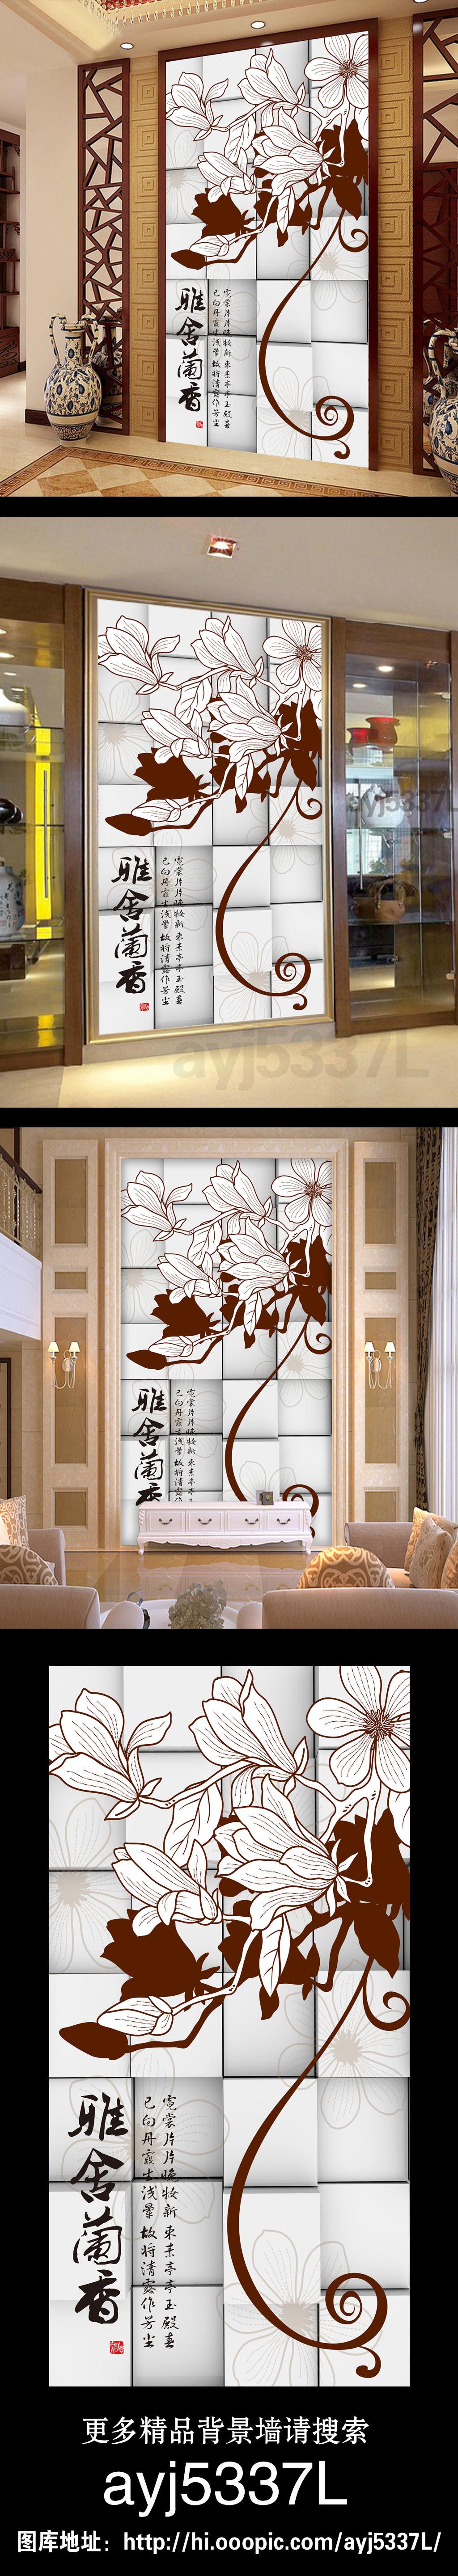 手绘兰花3d立体玄关背景墙